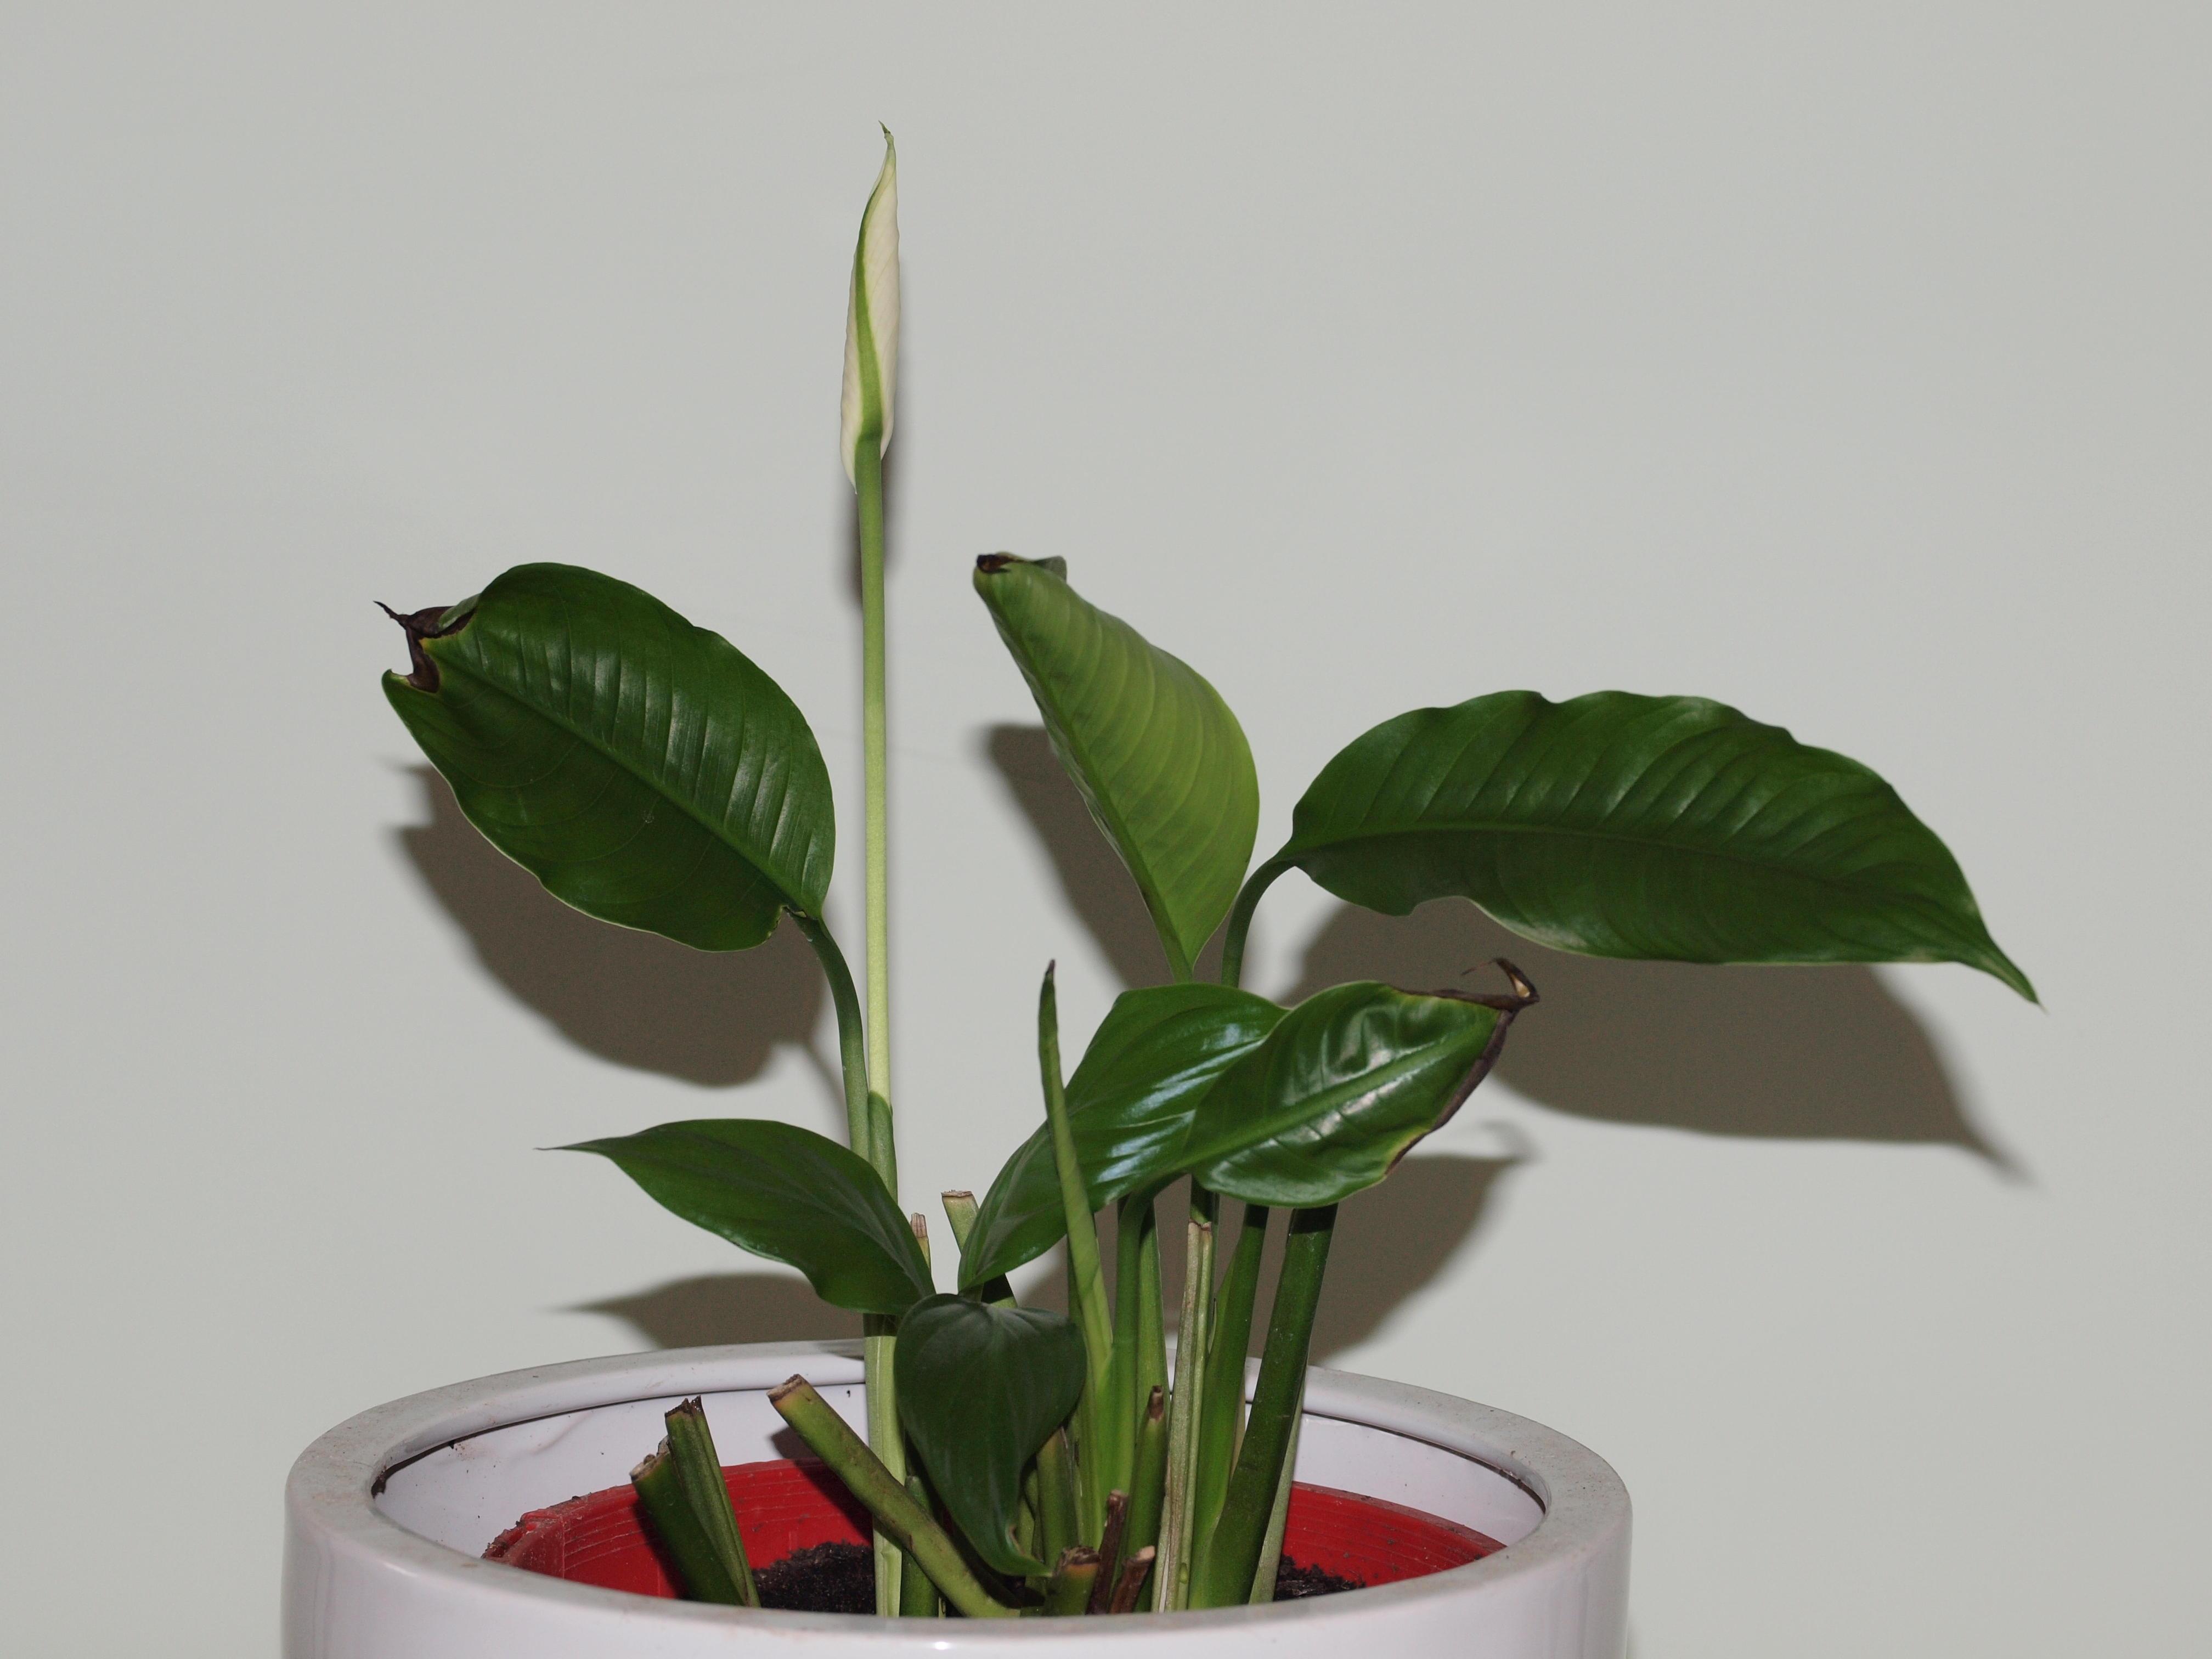 Spathiphyllum-2-orig.jpeg